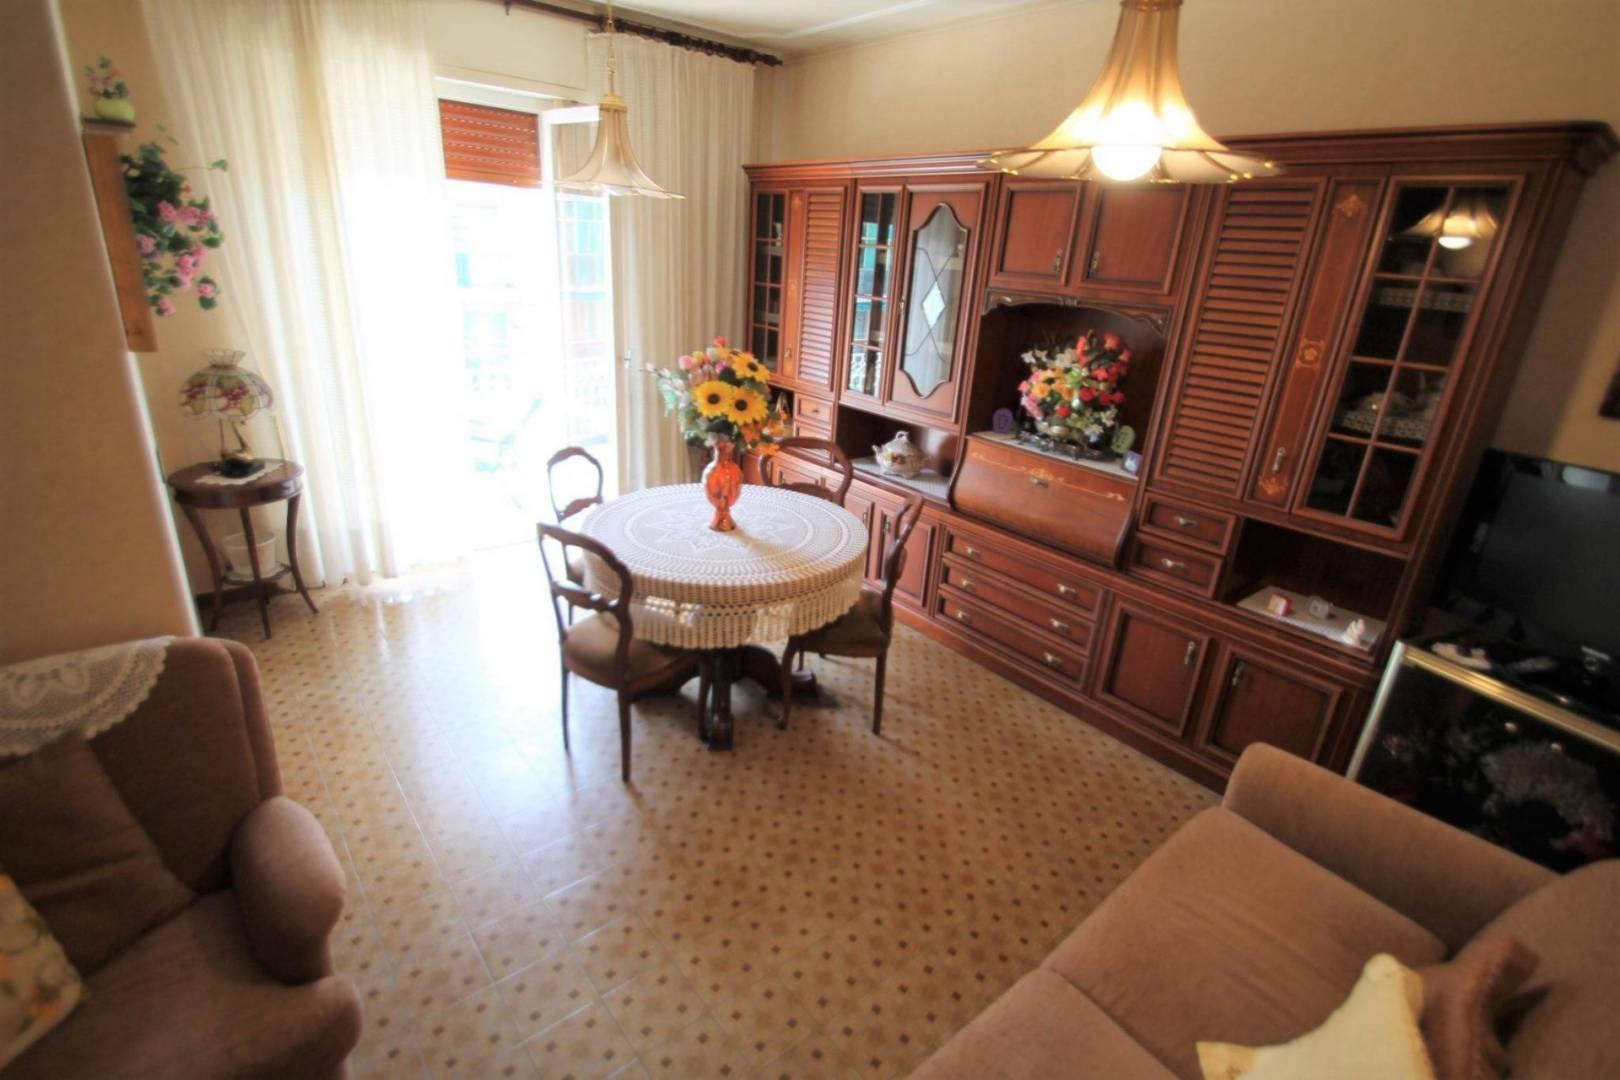 soggiorno - salotto